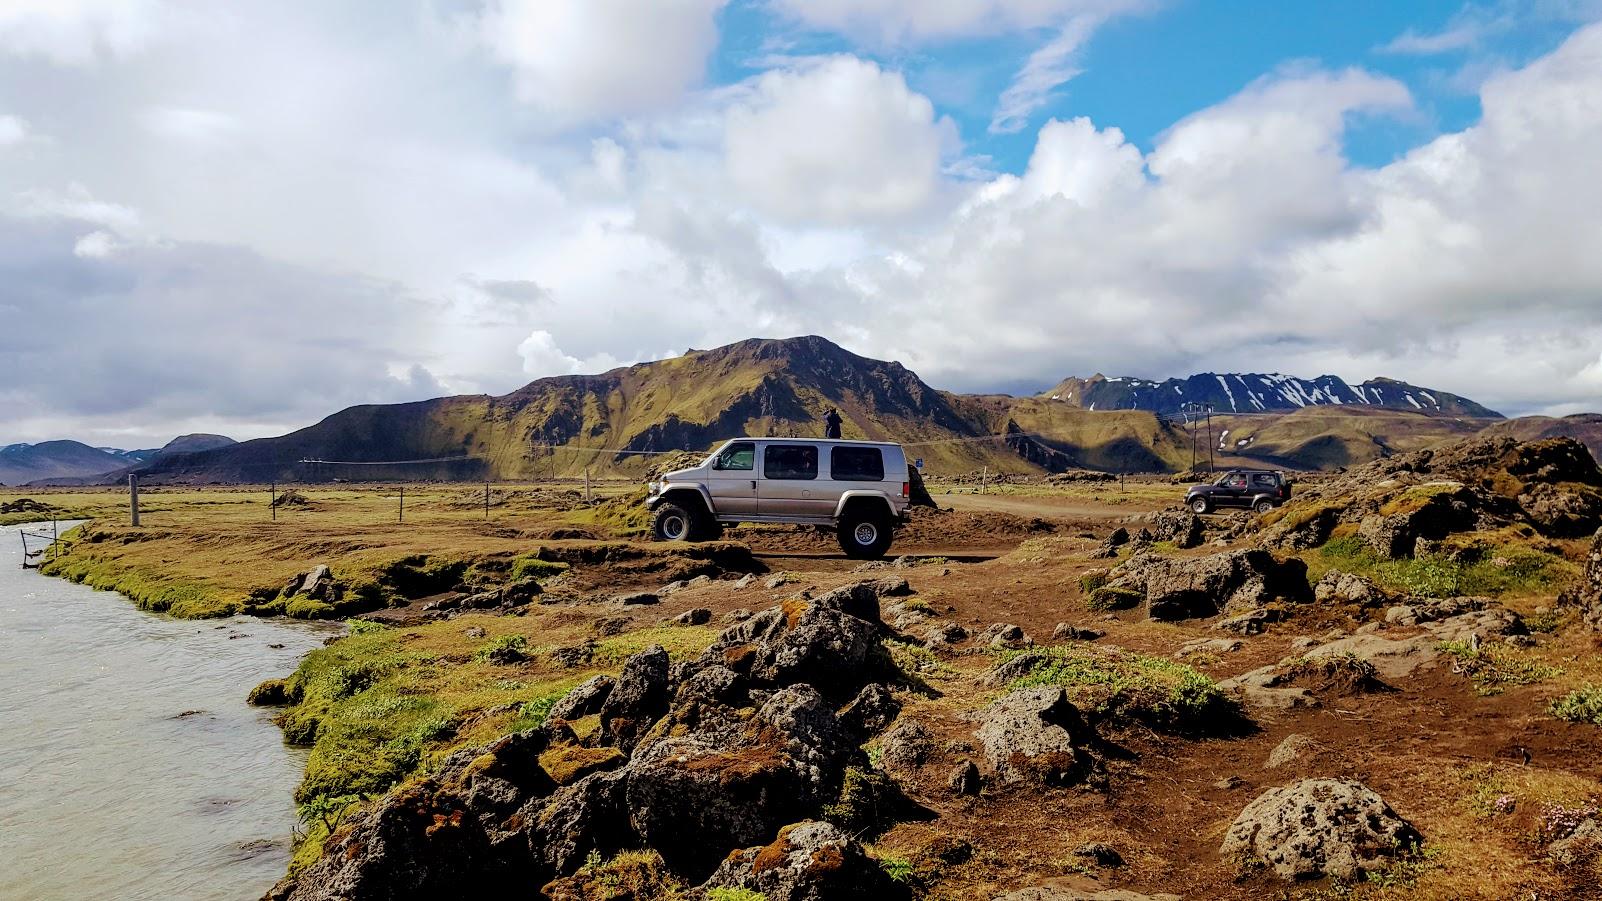 È necessaria una super jeep per attraversare il fiume e i terreni accidentati di Landmannalaugar.